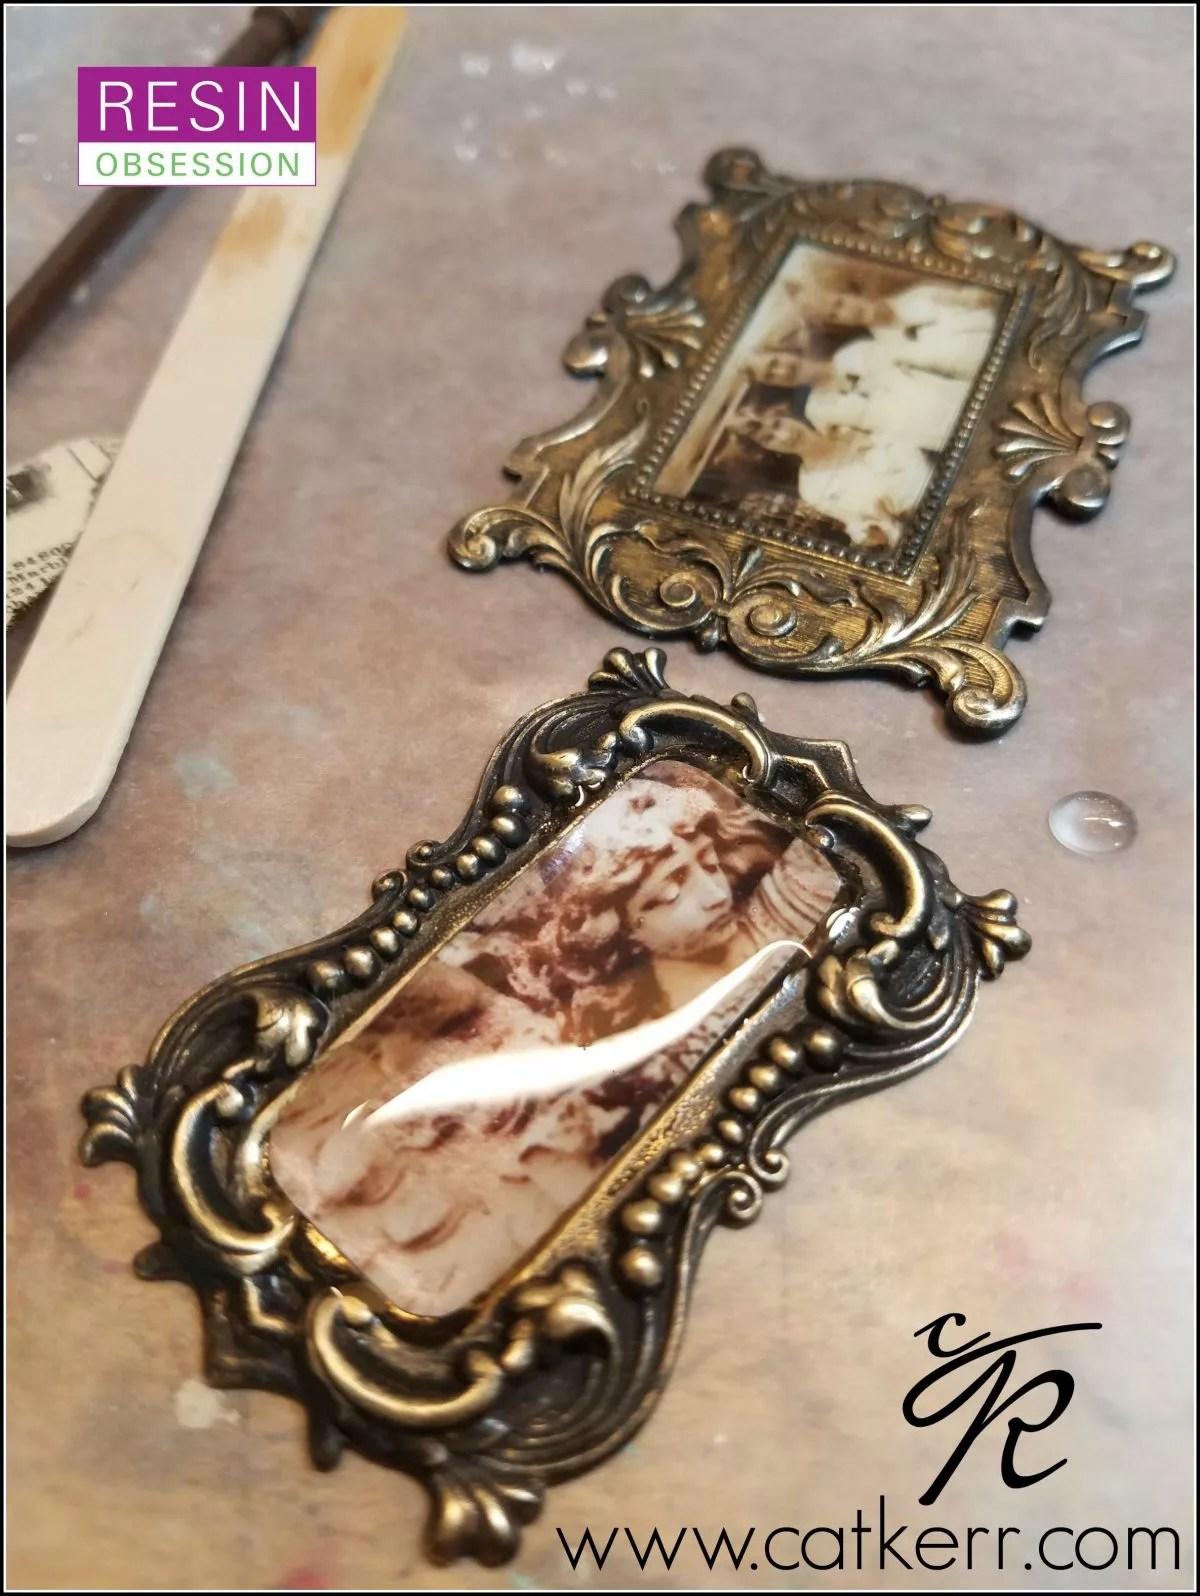 resin in metal frames